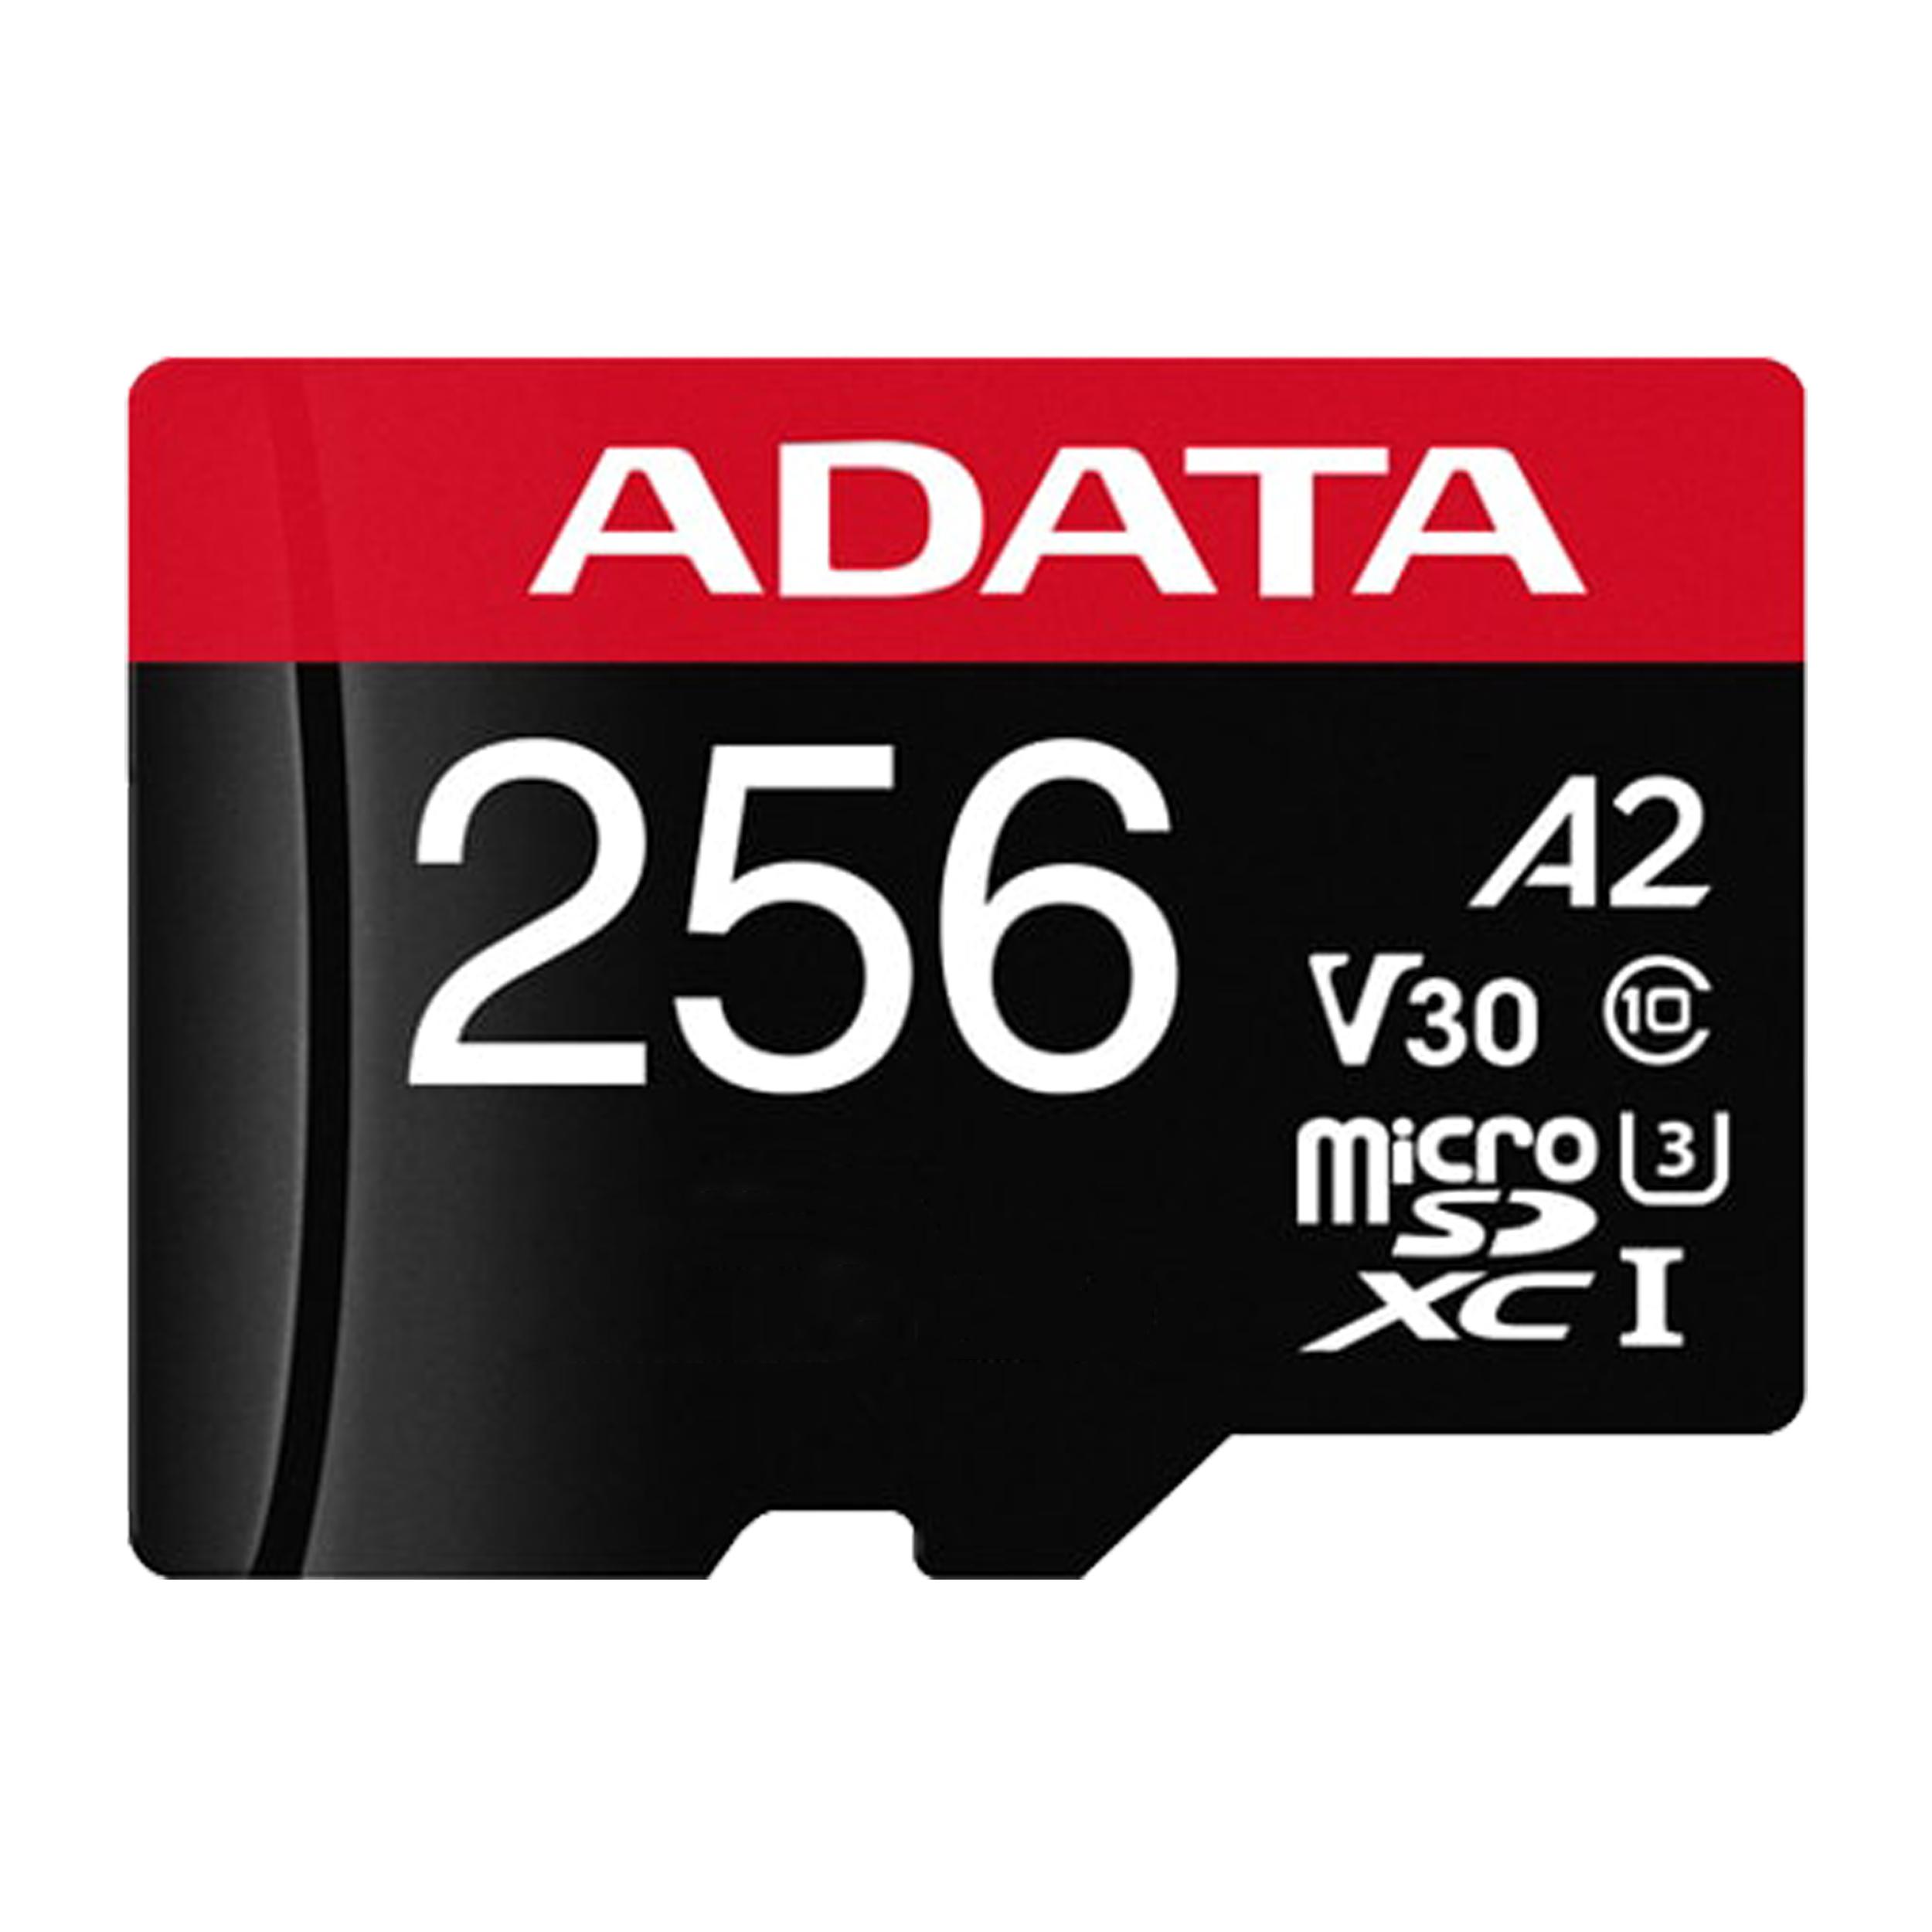 کارت حافظه microSDXC ای دیتا ایکس پی جی مدل INSTANT GAME-IFICATION کلاس 10 استاندارد UHS-I U3 سرعت 100MBps ظرفیت 256 گیگابایت